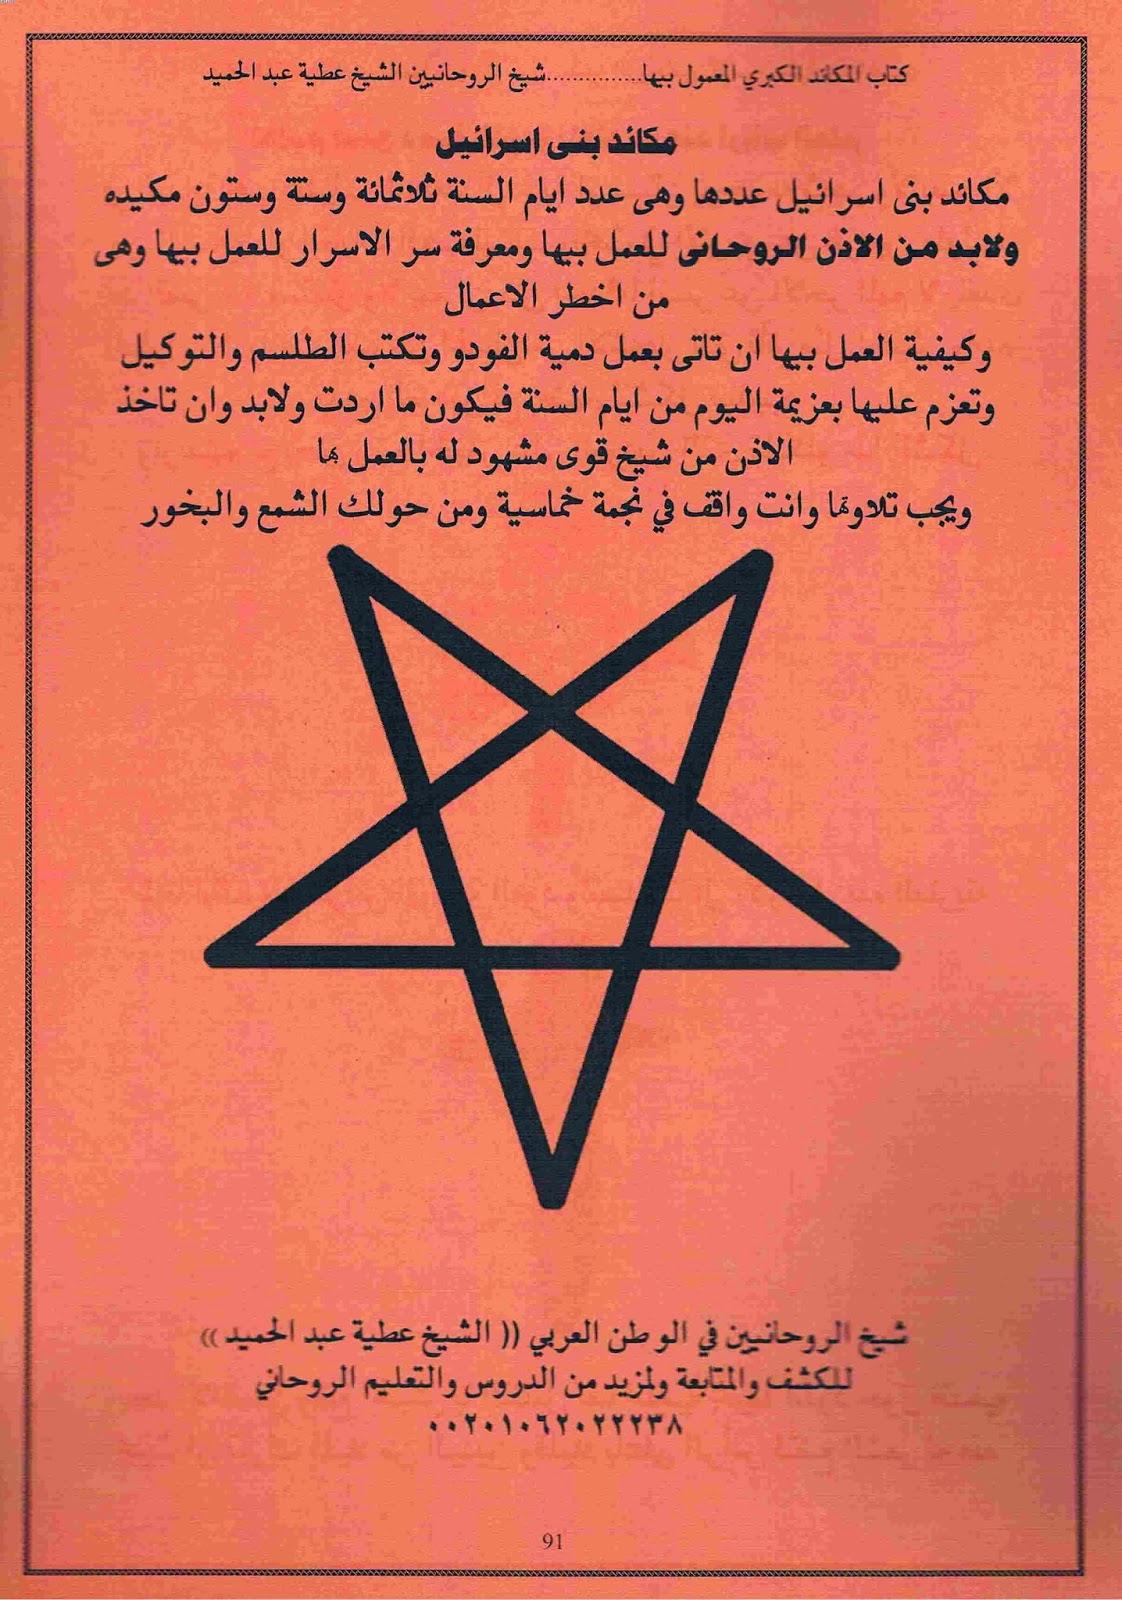 تحميل كتب الشيخ عطية عبد الحميد مجانا